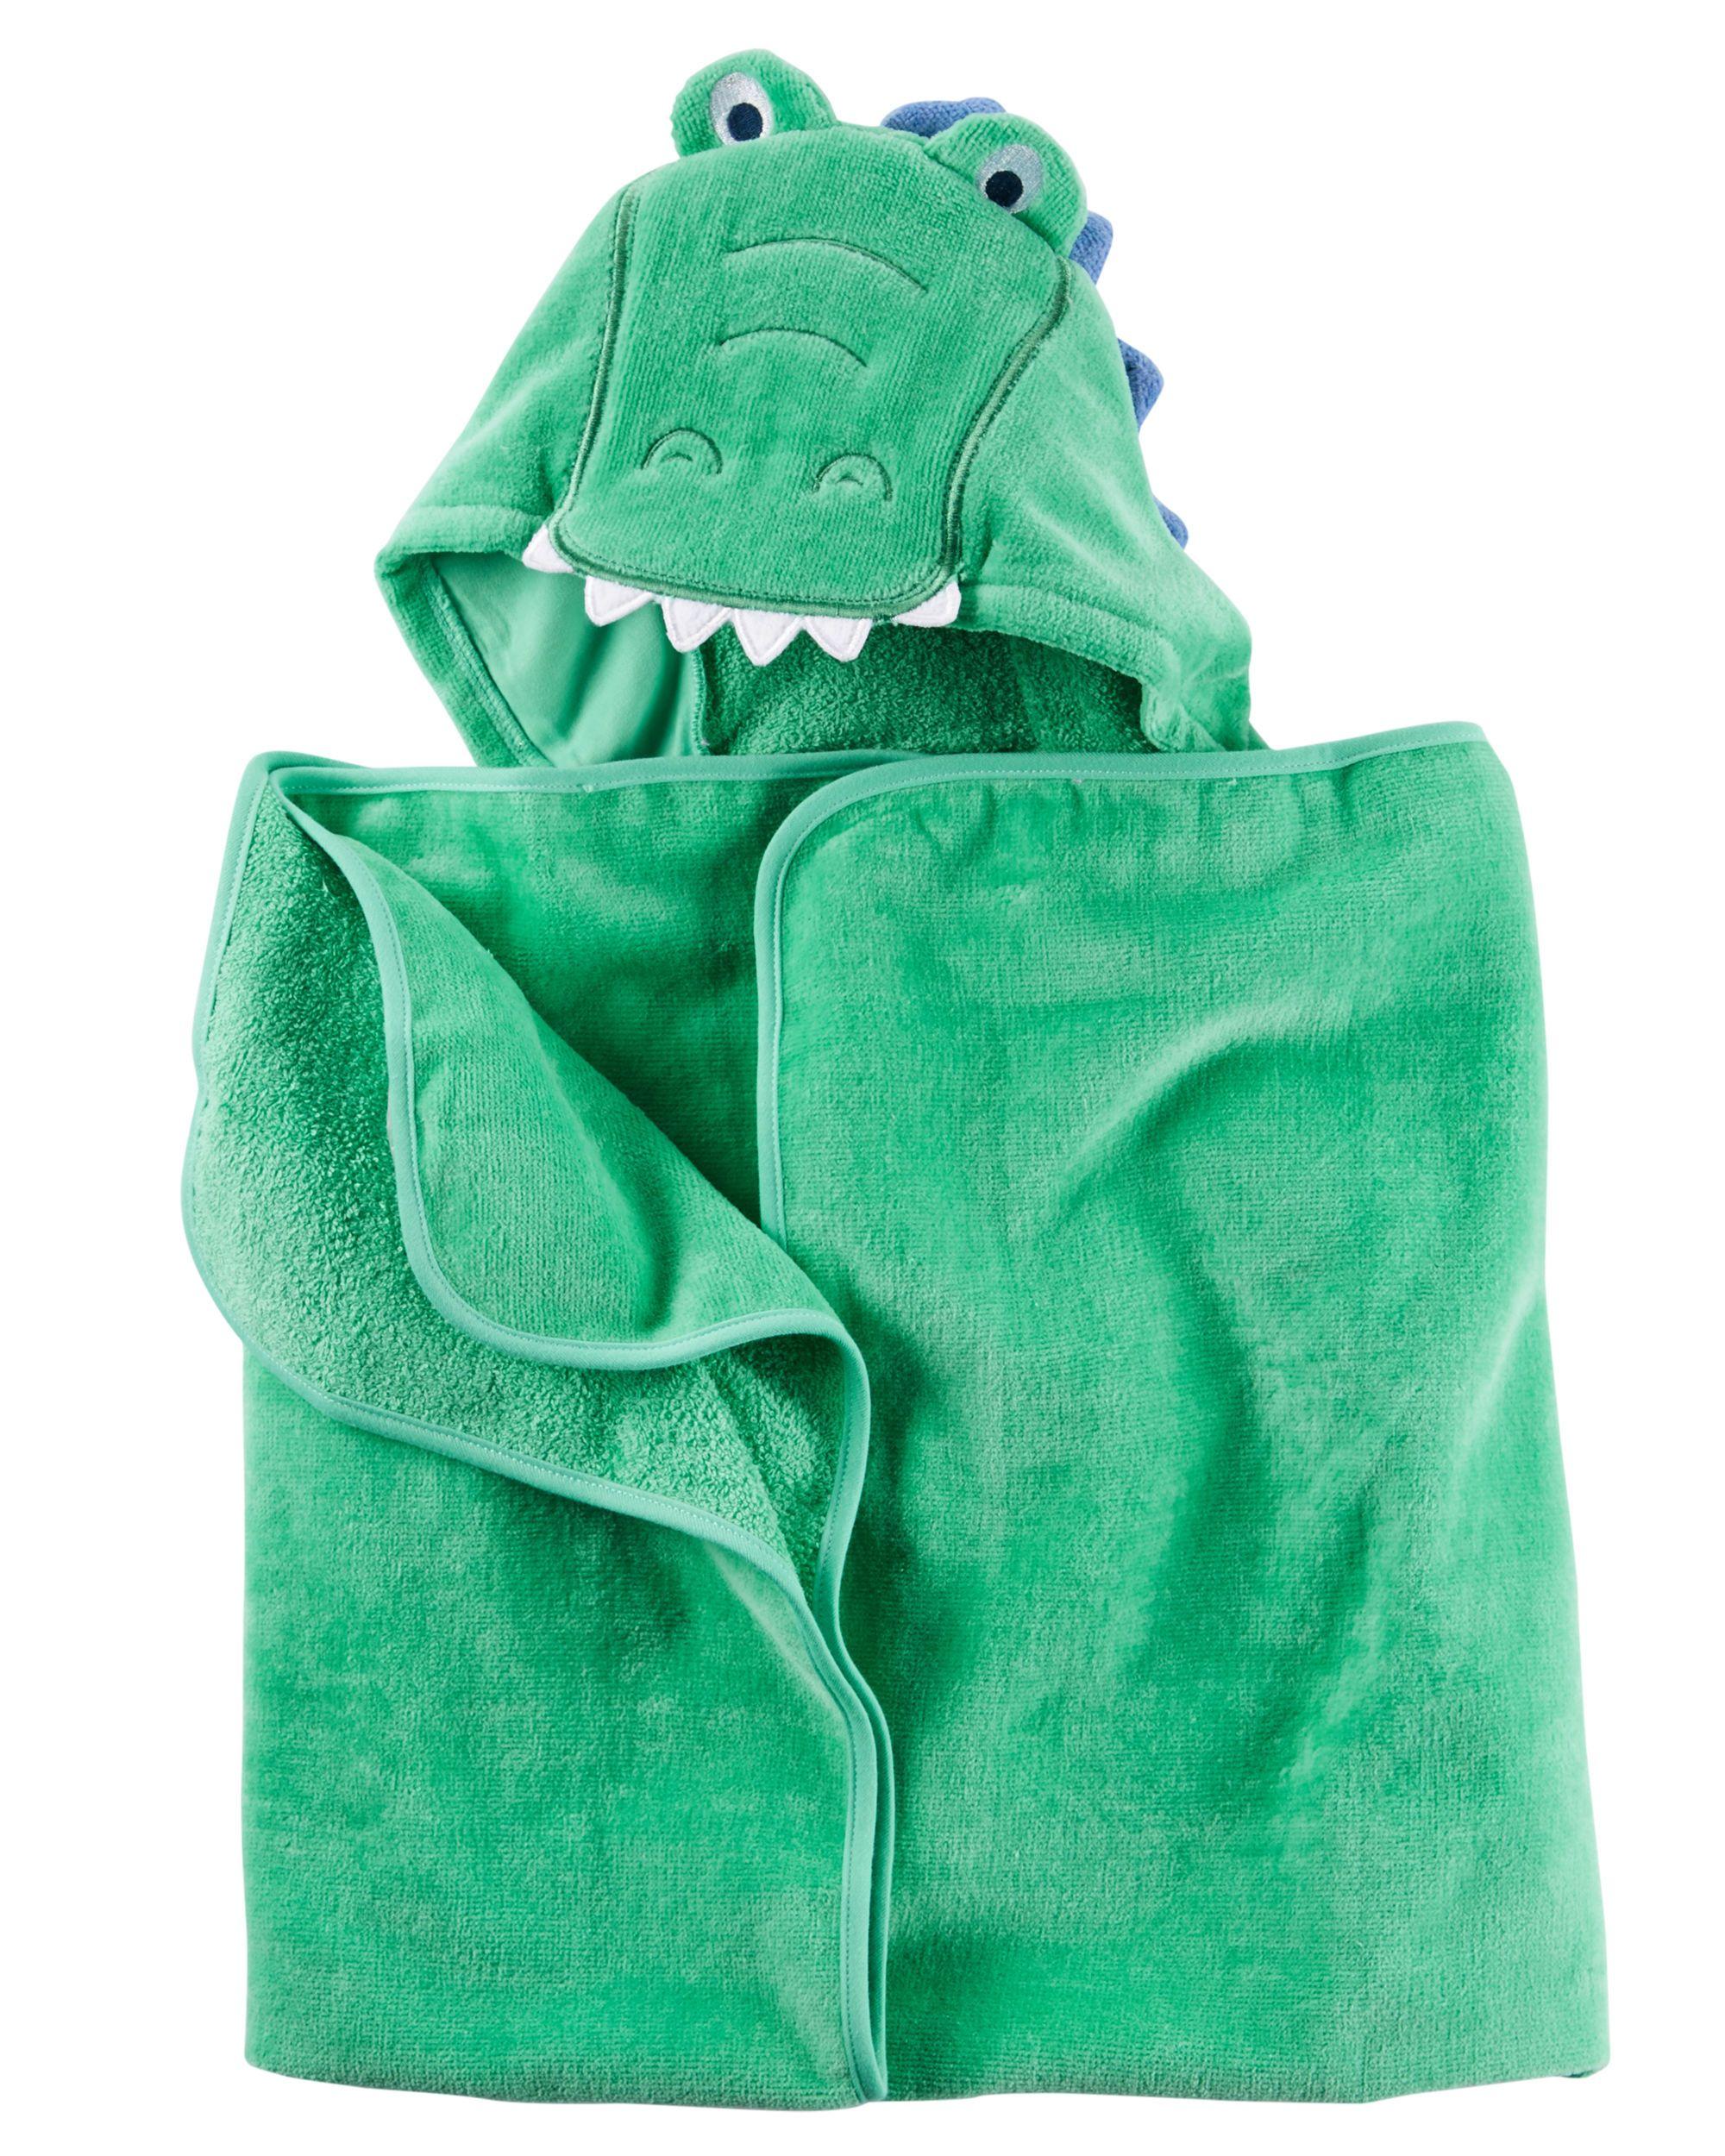 Carters Baby Hooded Towel Dark Blue